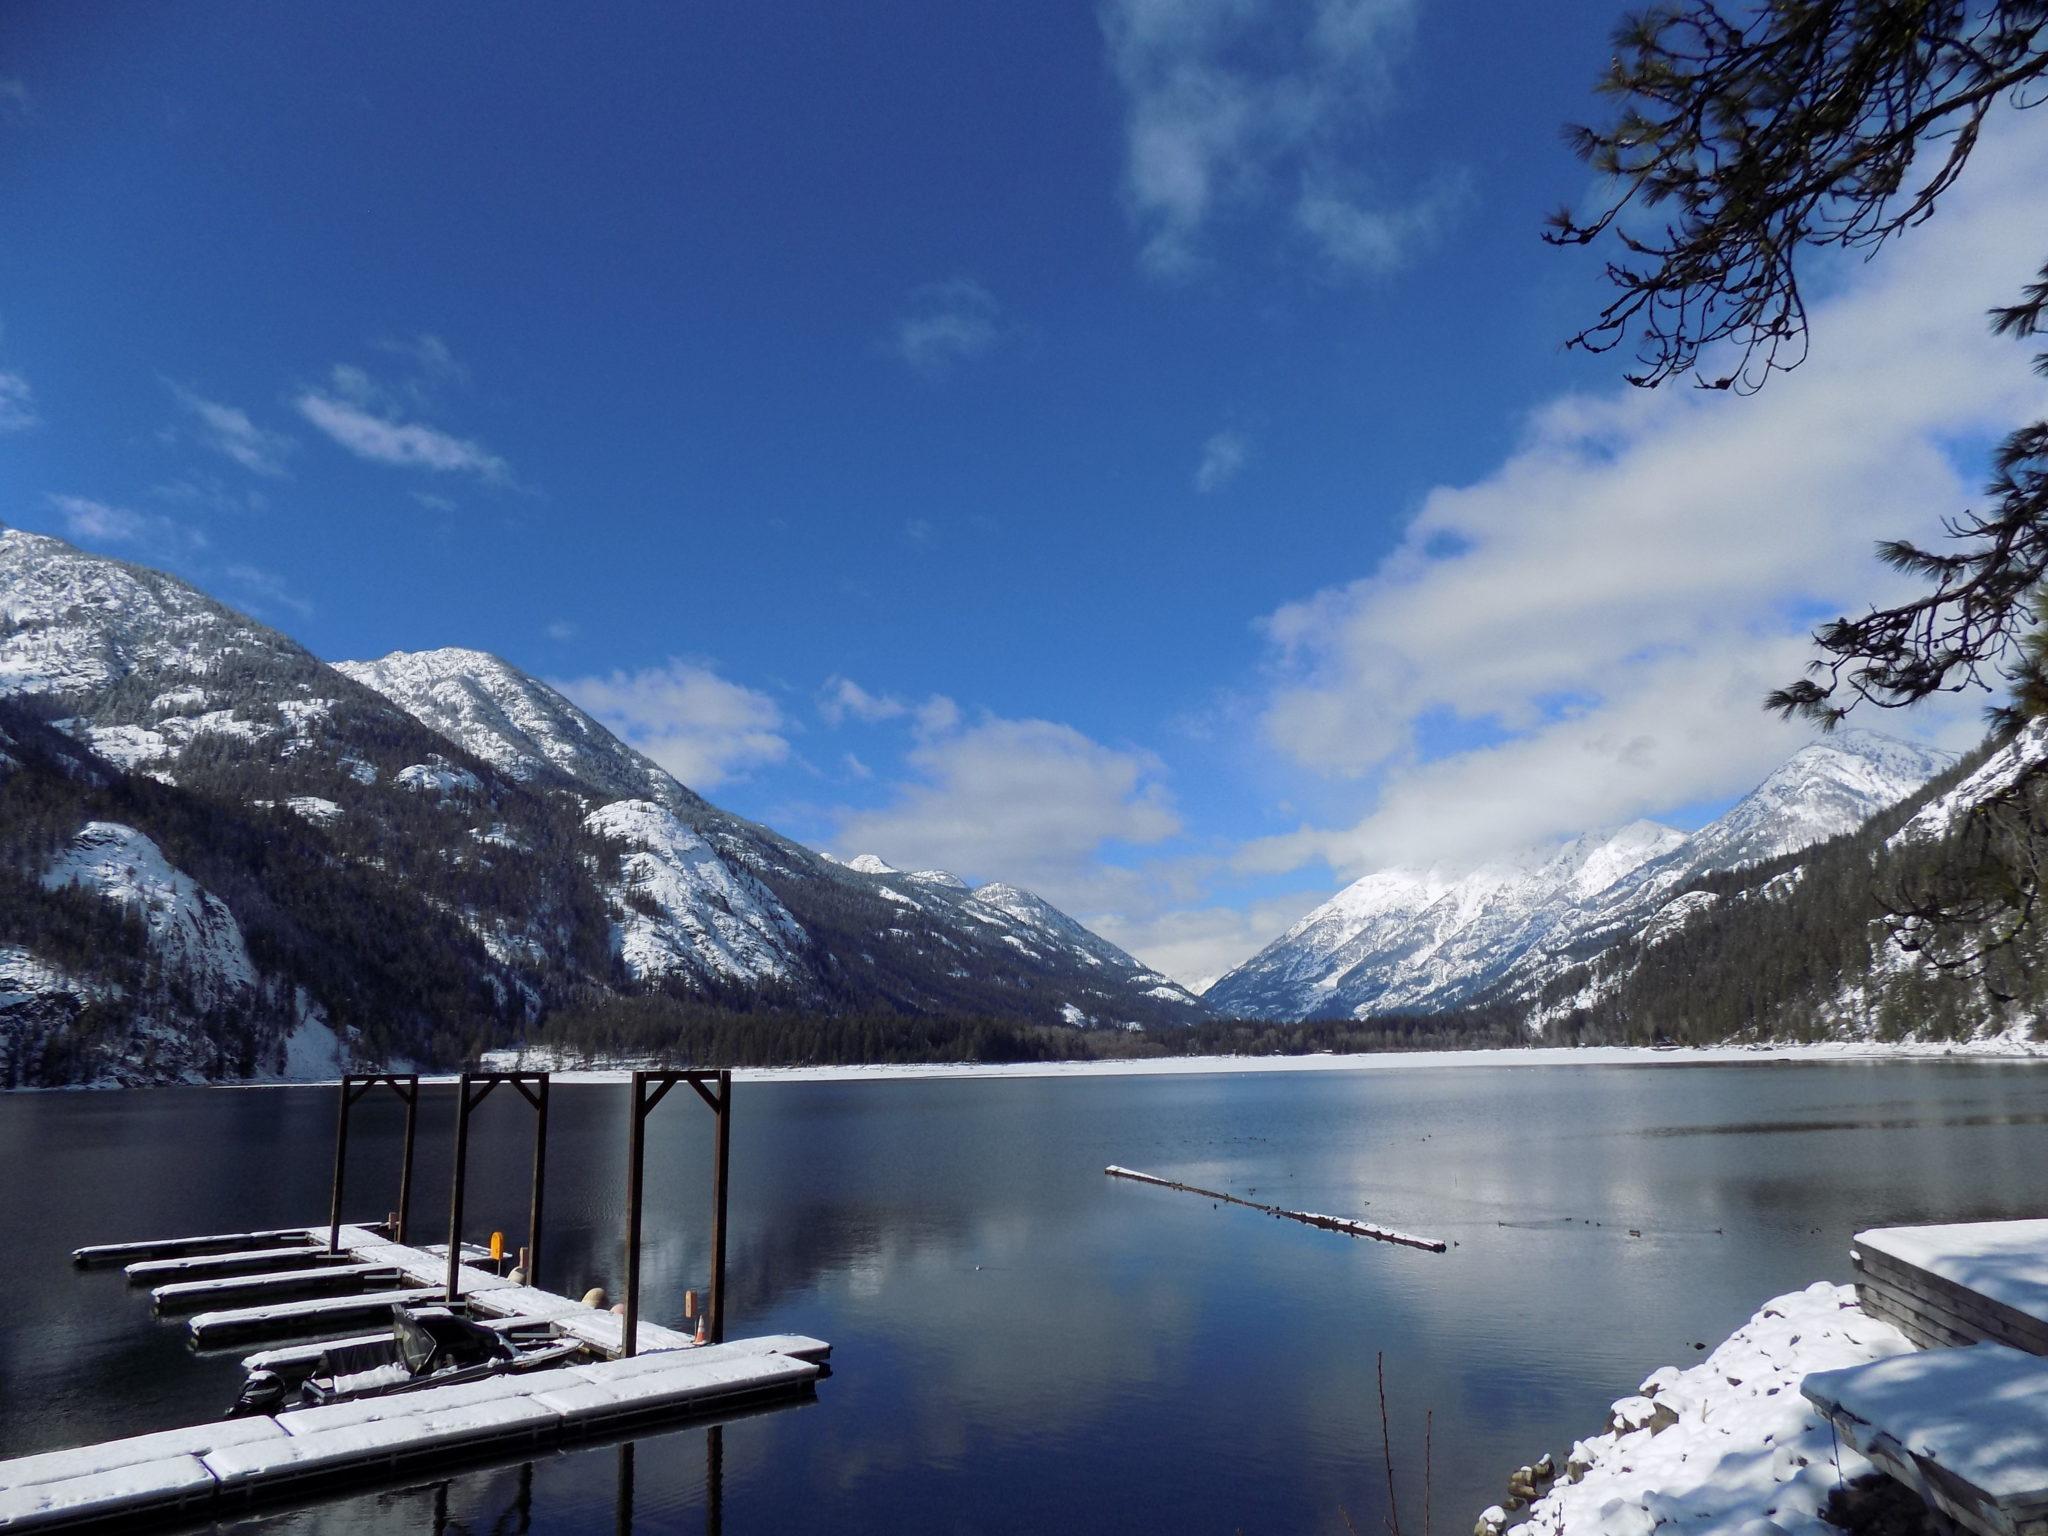 Stehekin view of Lake Chelan